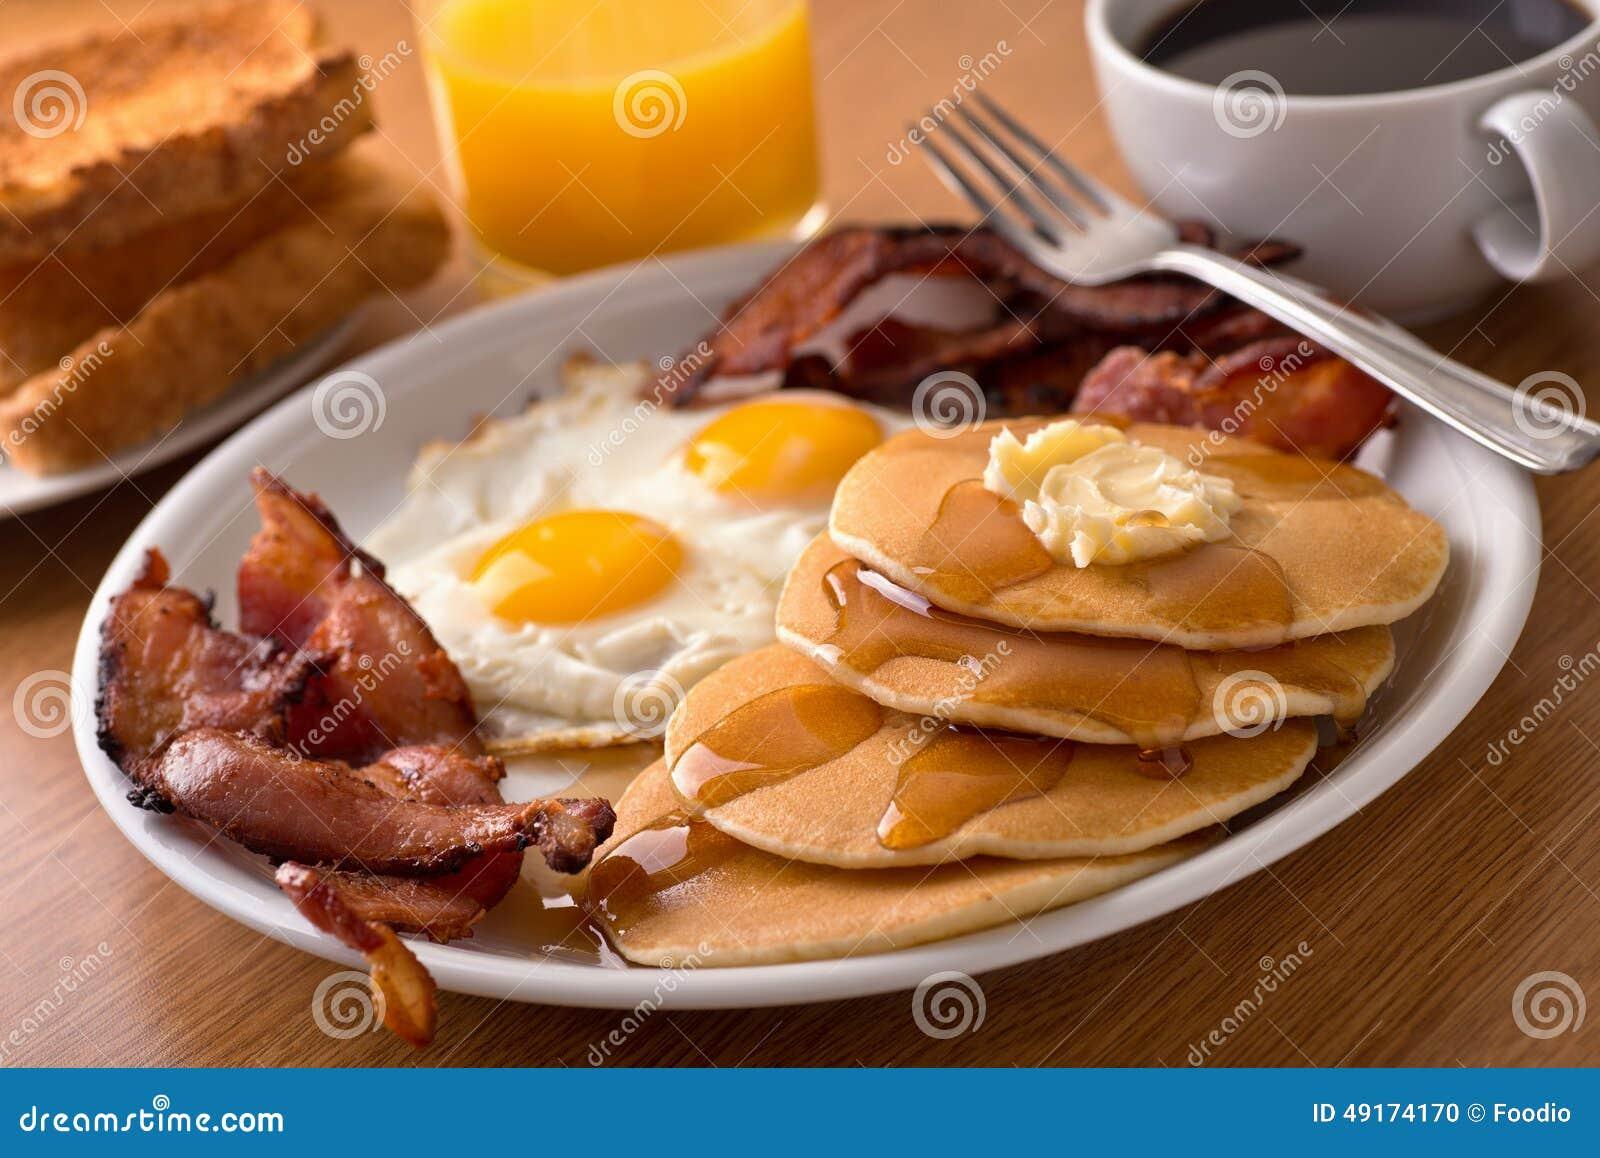 Frühstücken Sie mit Speck, Eiern, Pfannkuchen und Toast